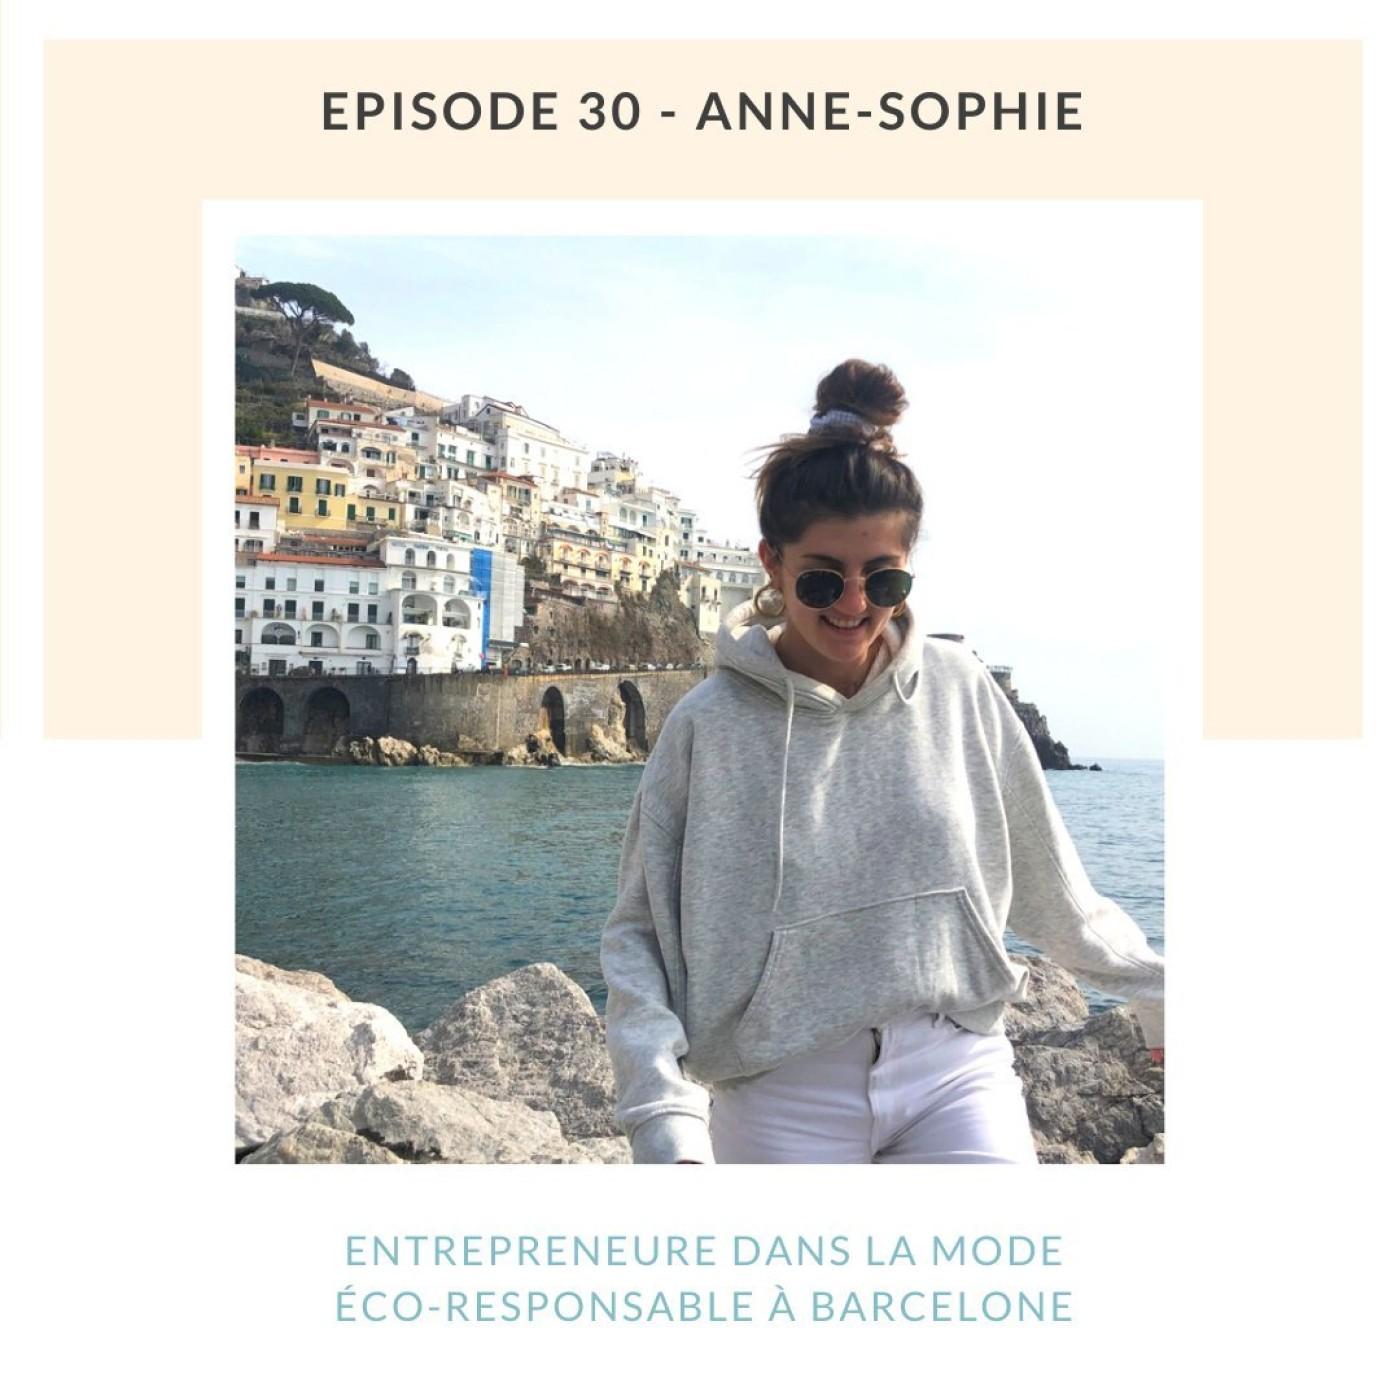 Anne-Sophie   Entrepreneure dans la mode éco-responsable à Barcelone